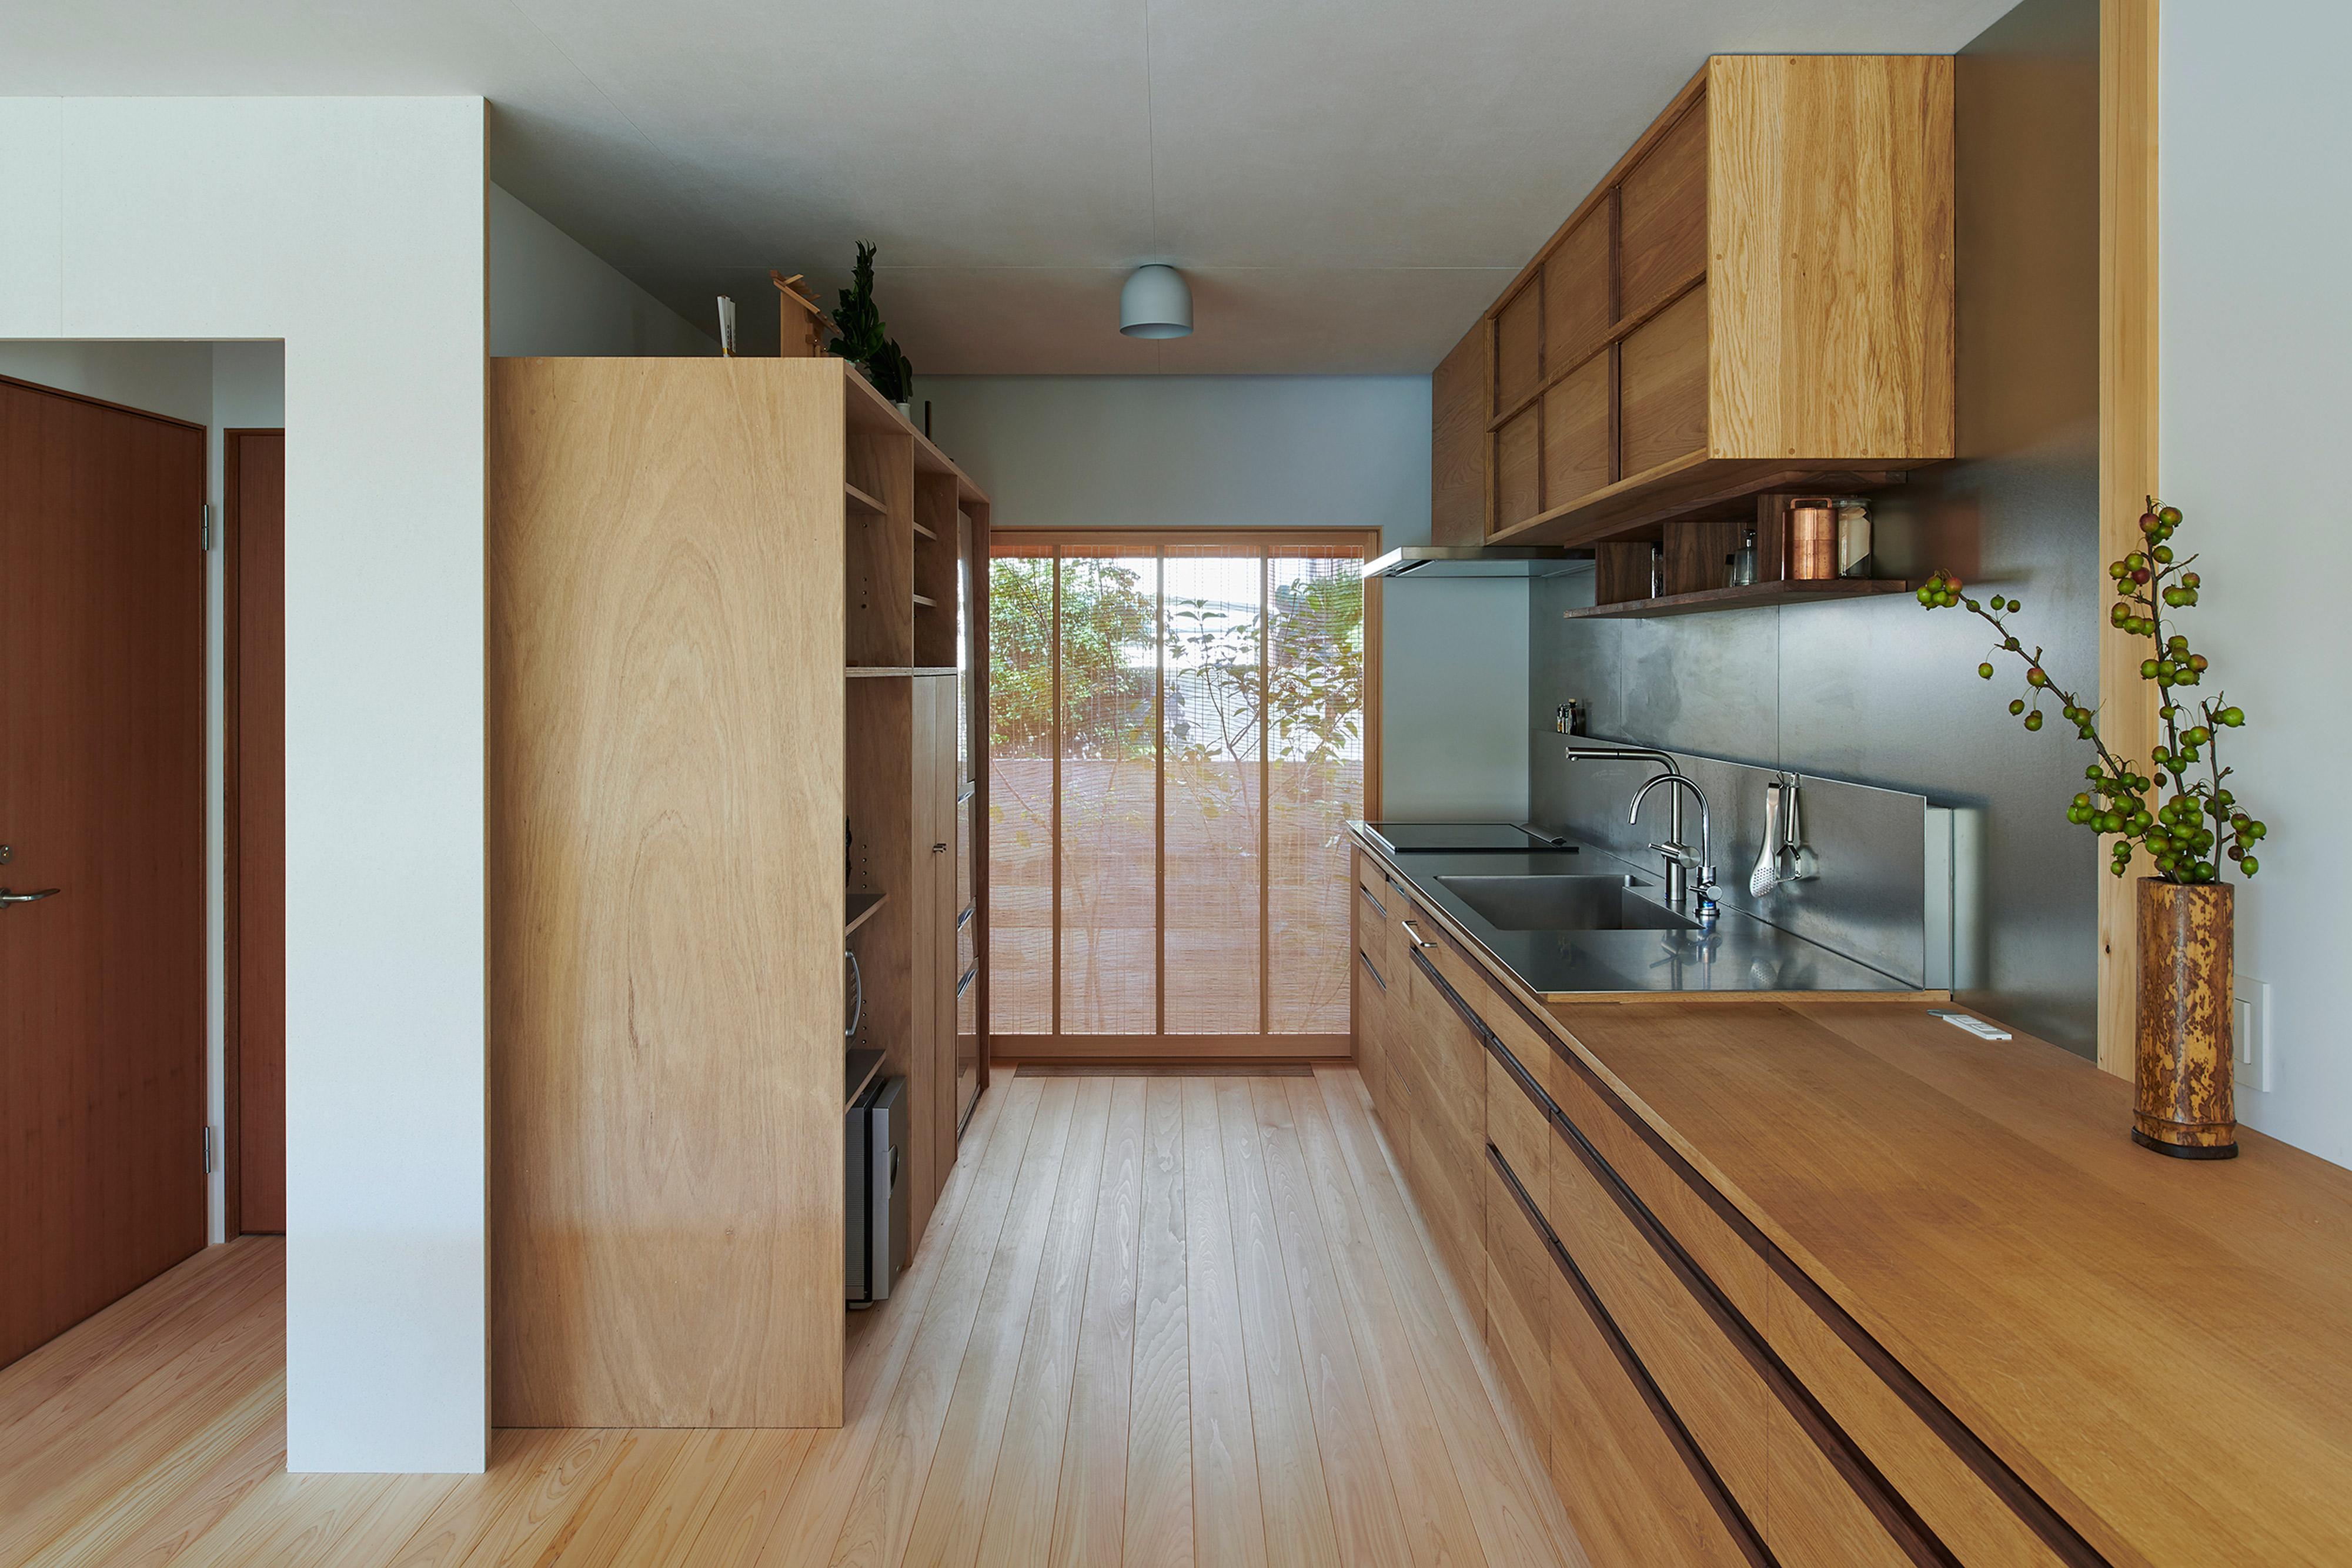 木製オリジナルキッチン